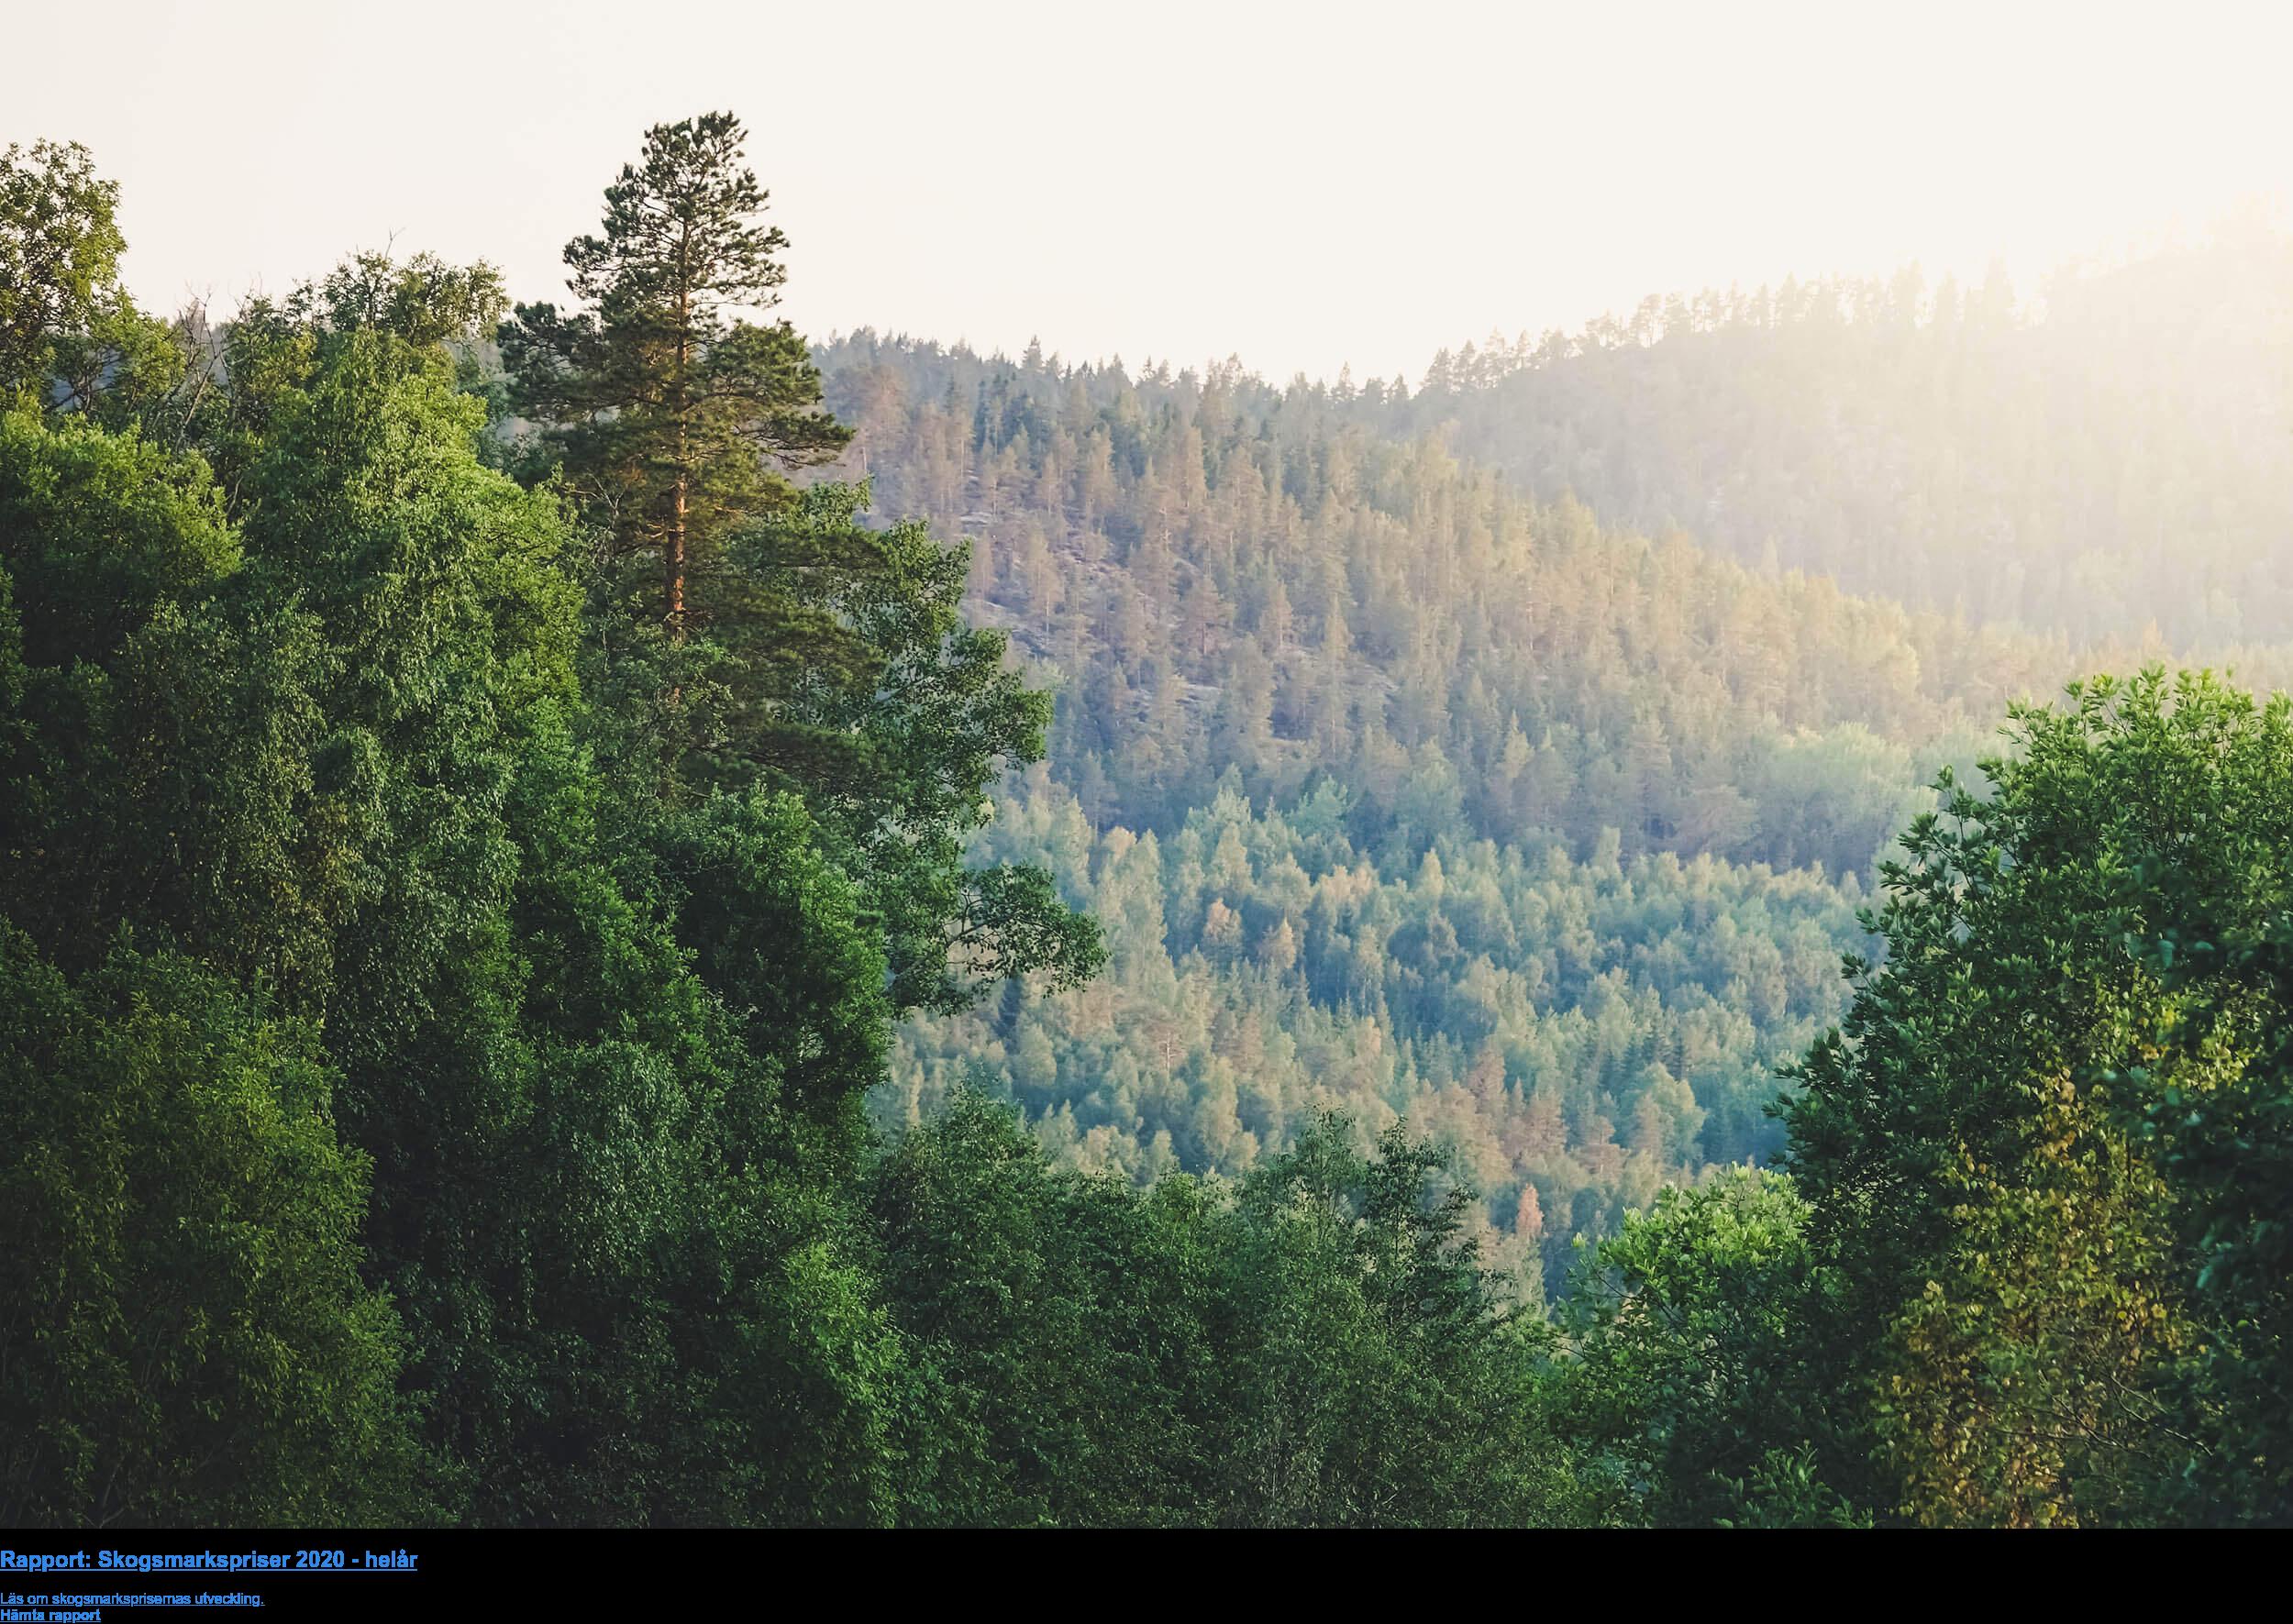 Rapport: Skogsmarkspriser 2020 - helår  Läs om skogsmarksprisernas utveckling. Hämta rapport